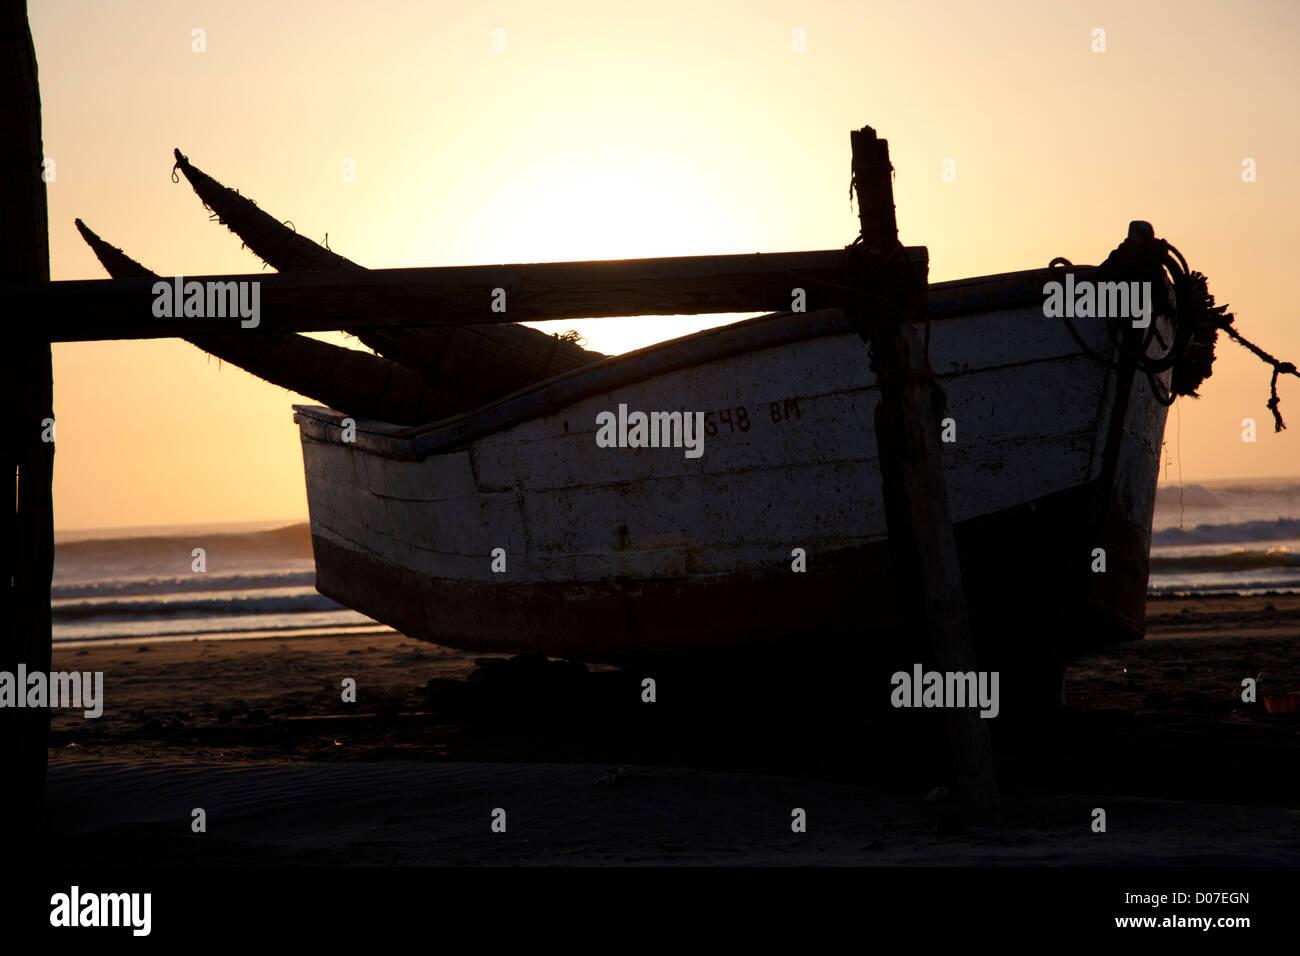 La playa de Pimentel, una aldea de pescadores en la costa norte de Perú, cerca de la ciudad de Chiclayo. Foto de stock